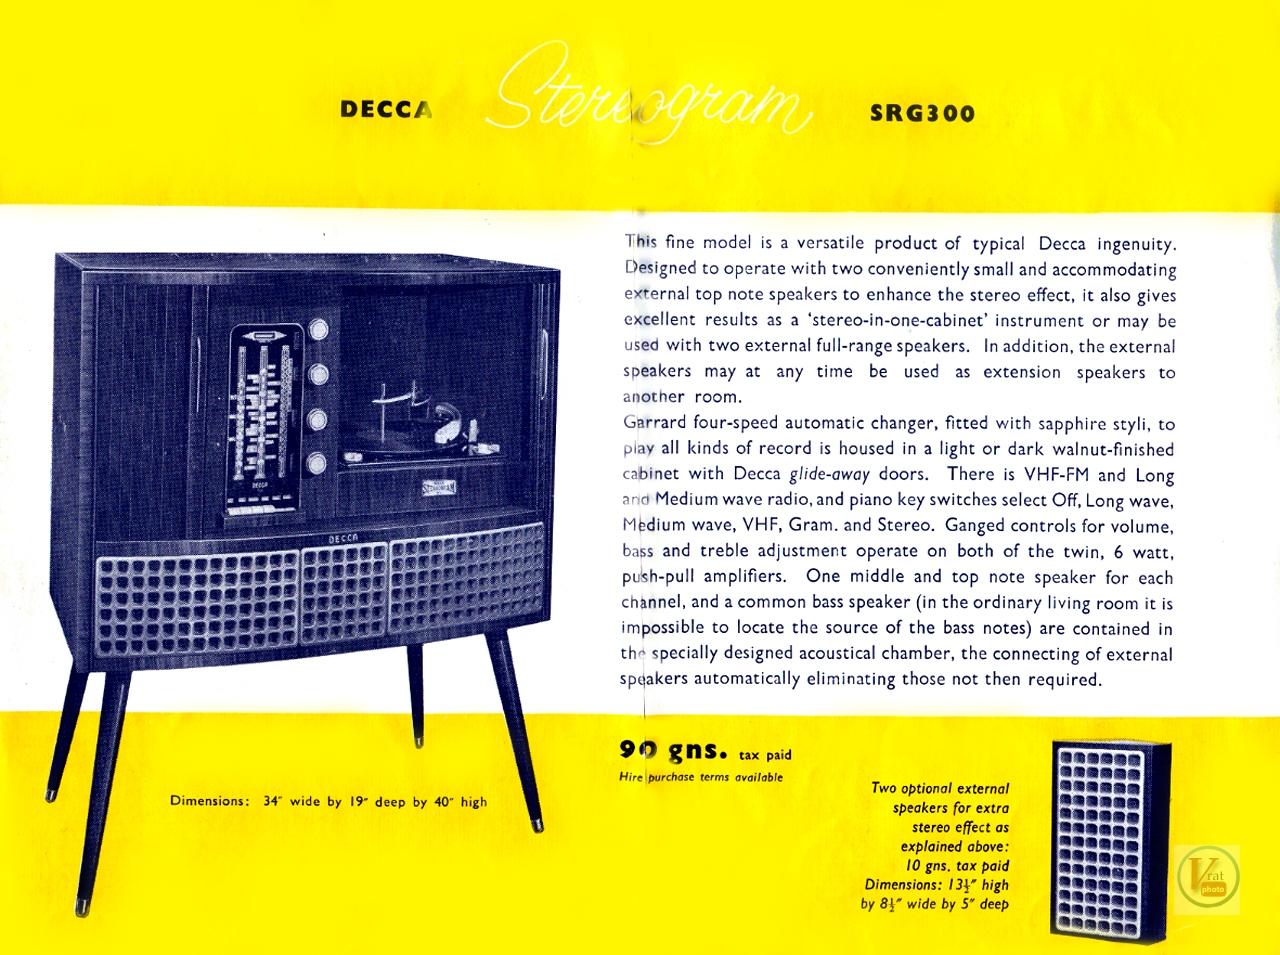 Decca Radiograms 11